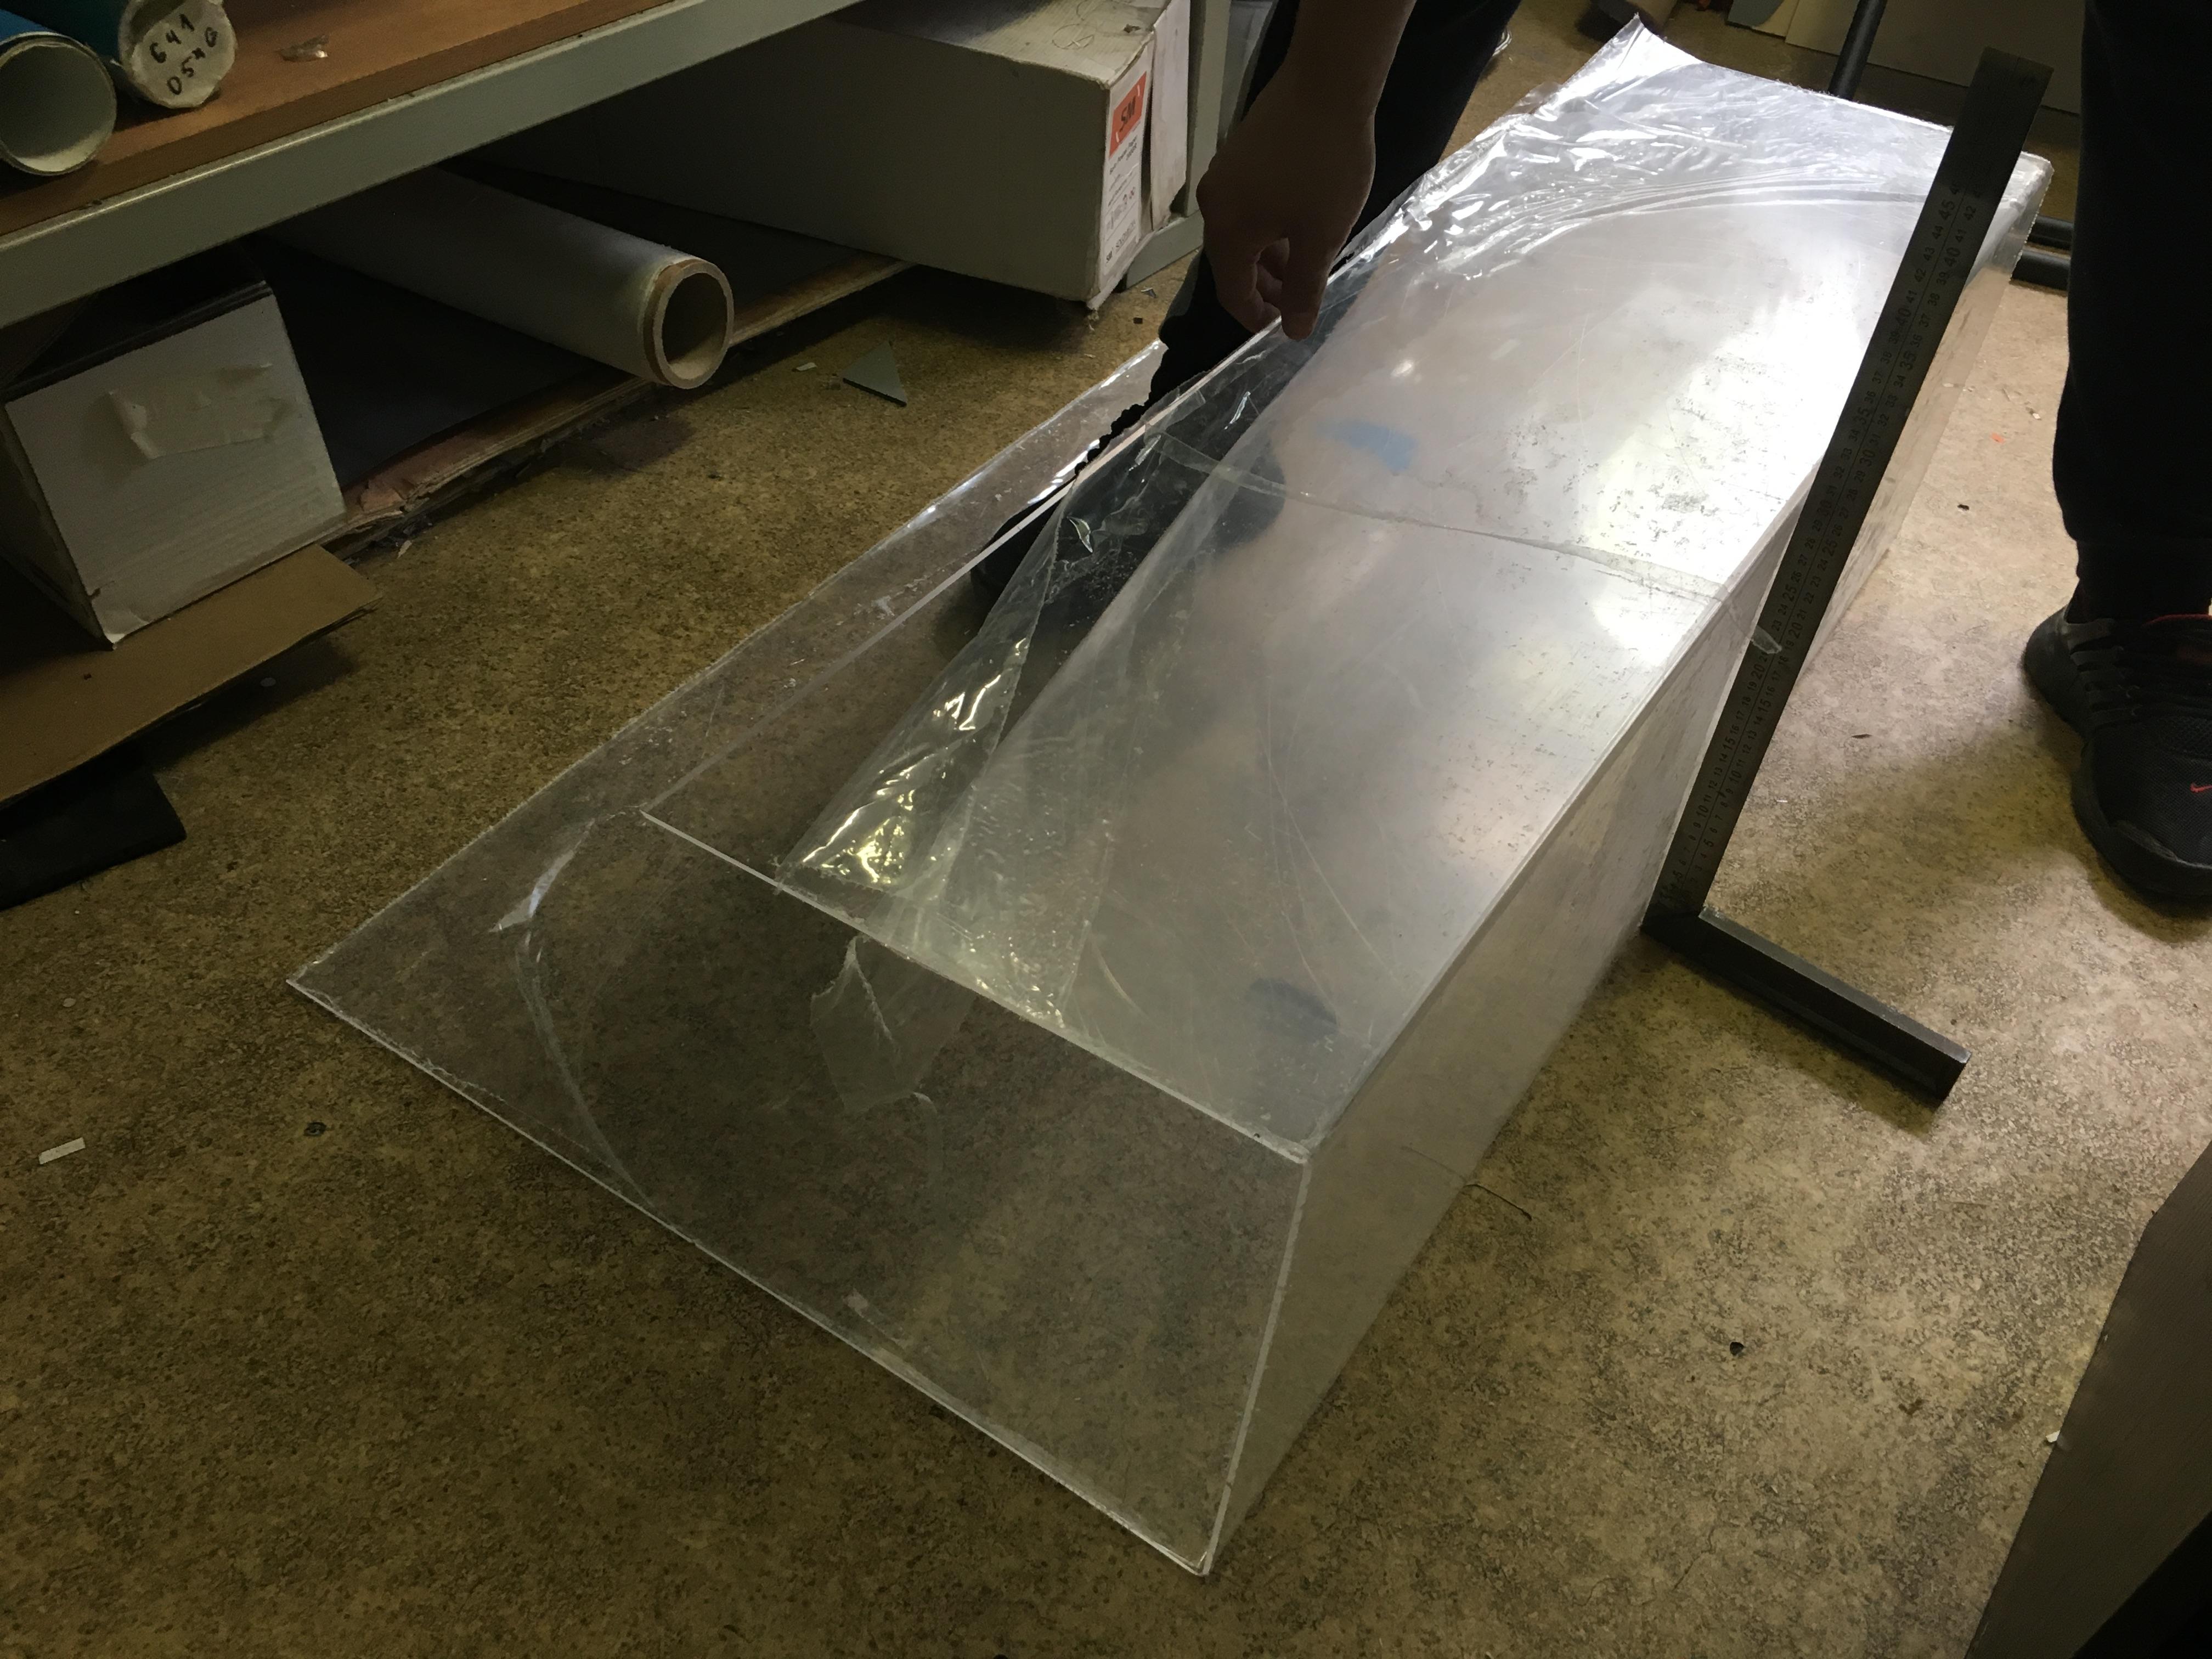 Как согнуть акриловое стекло в домашних условиях. как самостоятельно правильно согнуть оргстекло в домашних условиях. что такое оргстекло